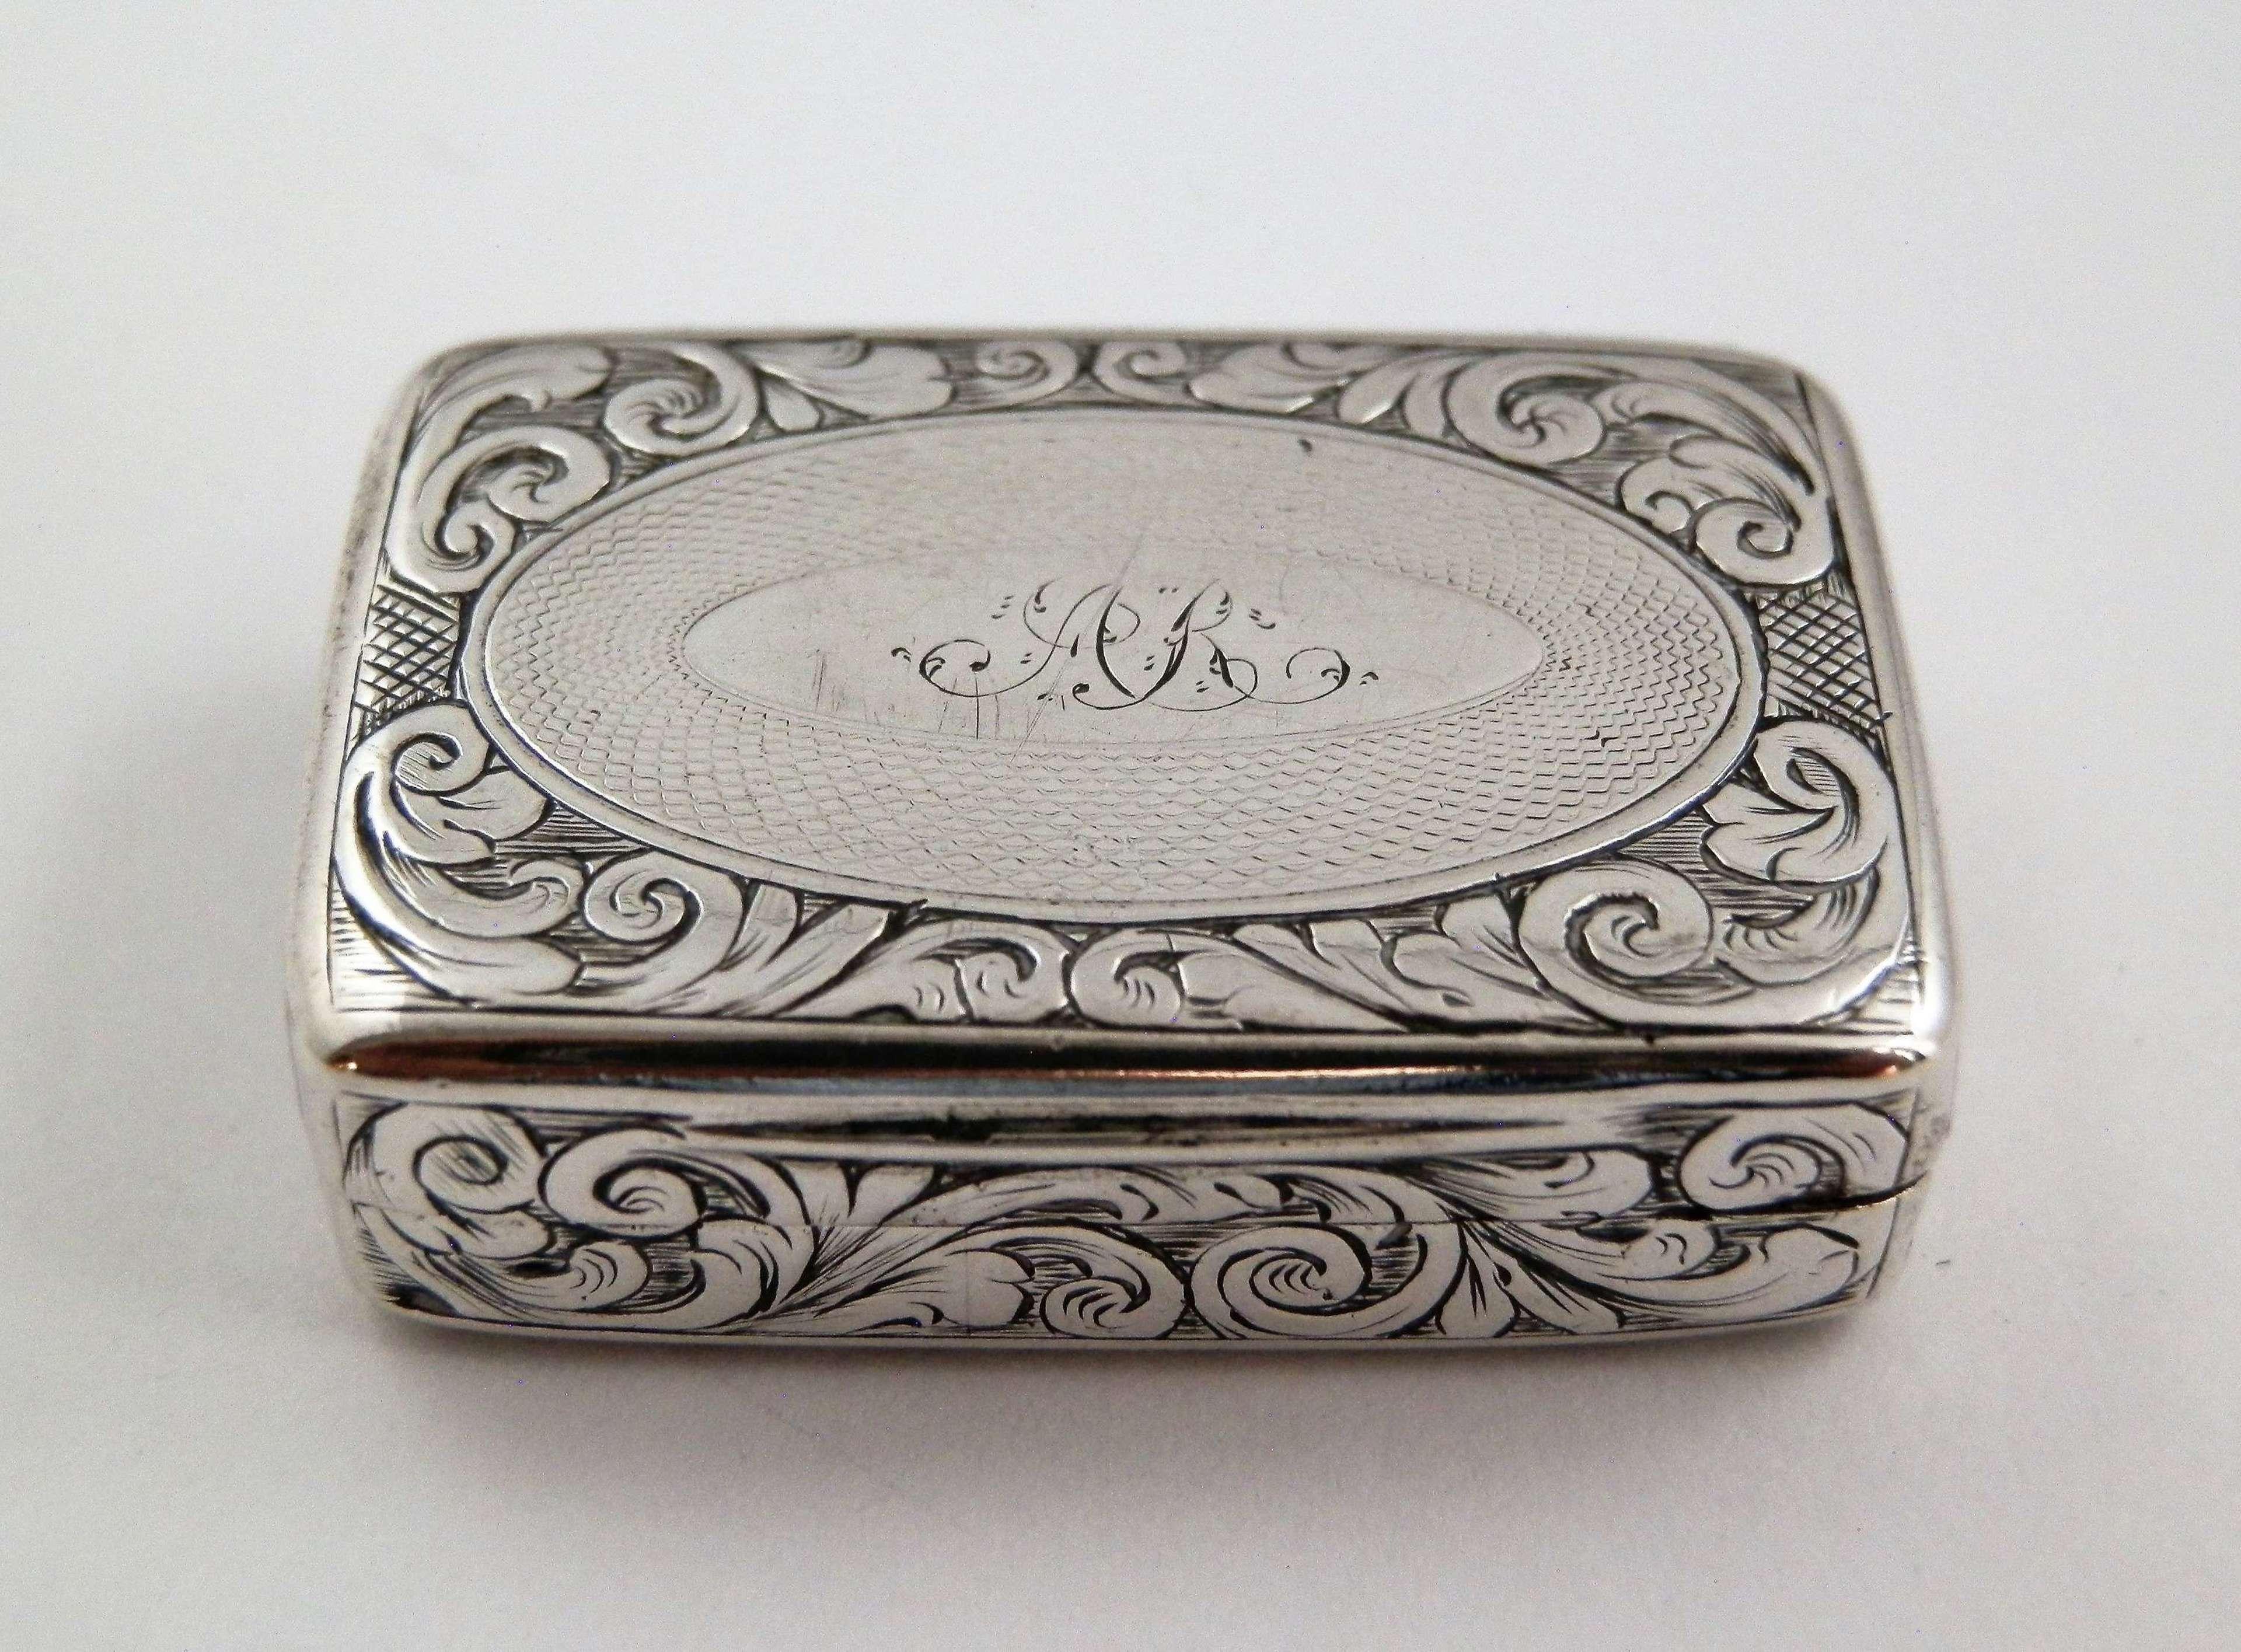 Early Victorian silver vinaigrette, Joseph Wilmore, 1841